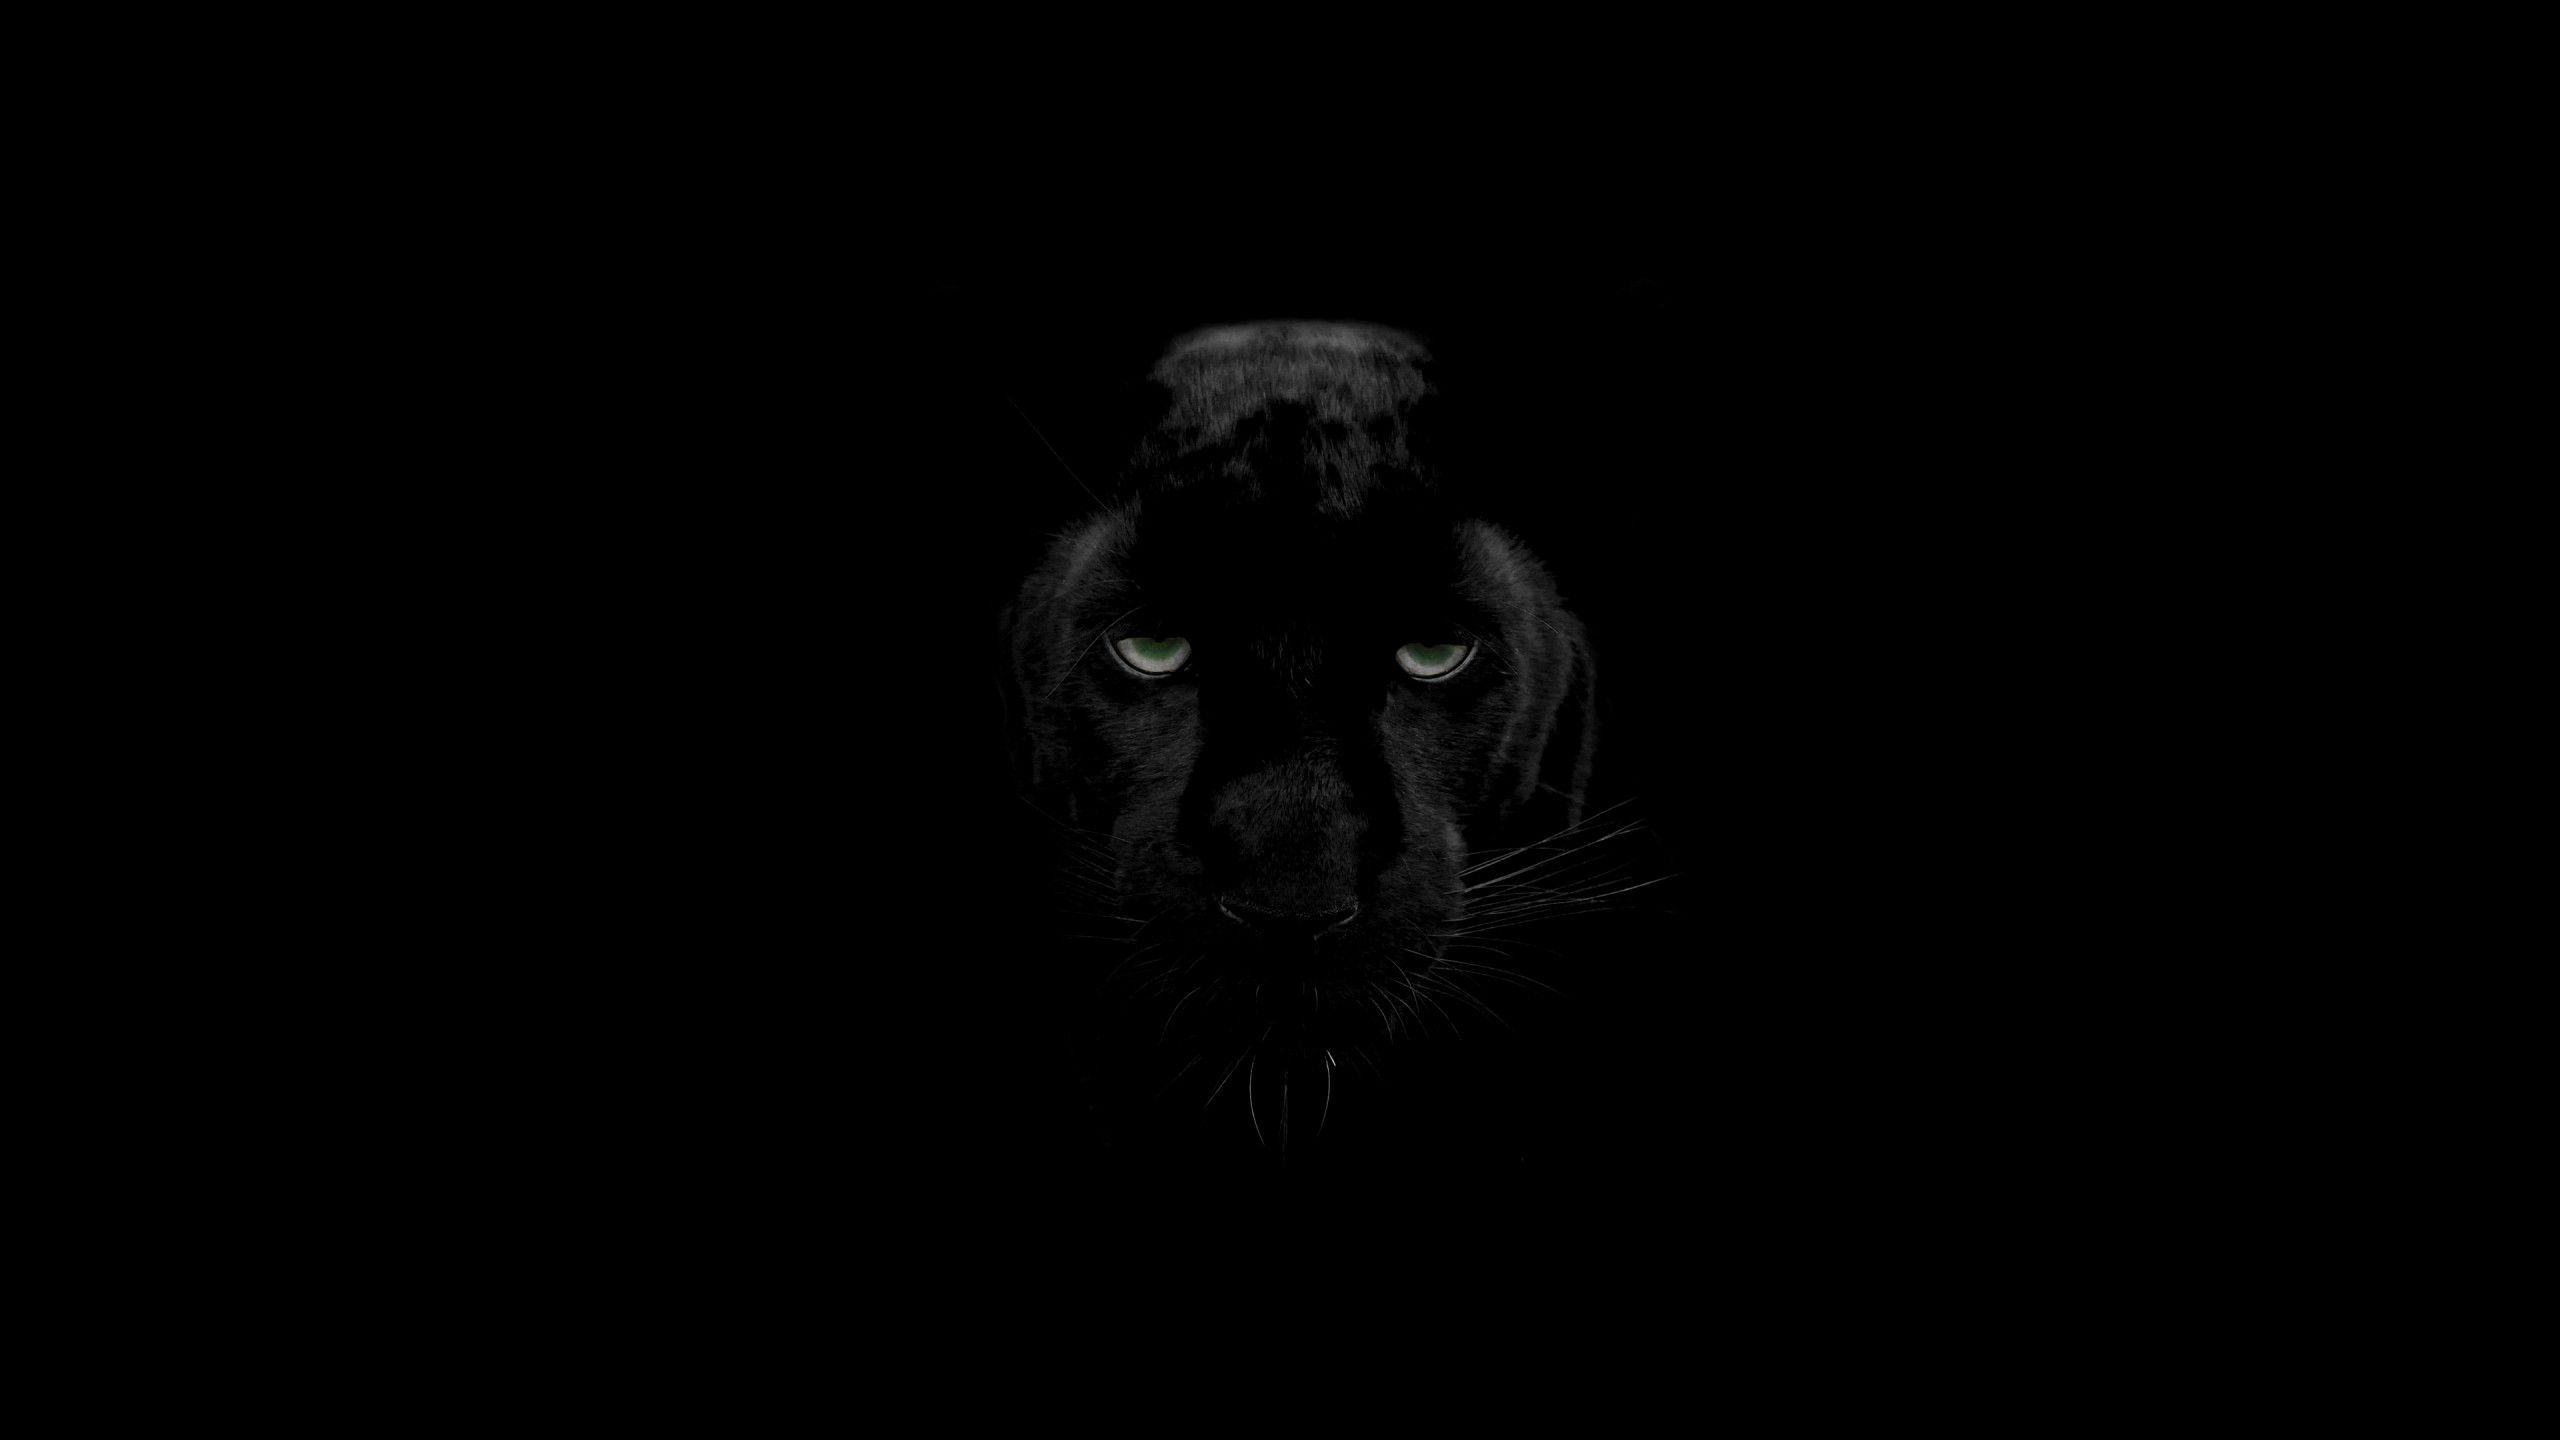 Black Panther Eyes Wallpapers Top Free Black Panther Eyes Backgrounds Wallpaperaccess